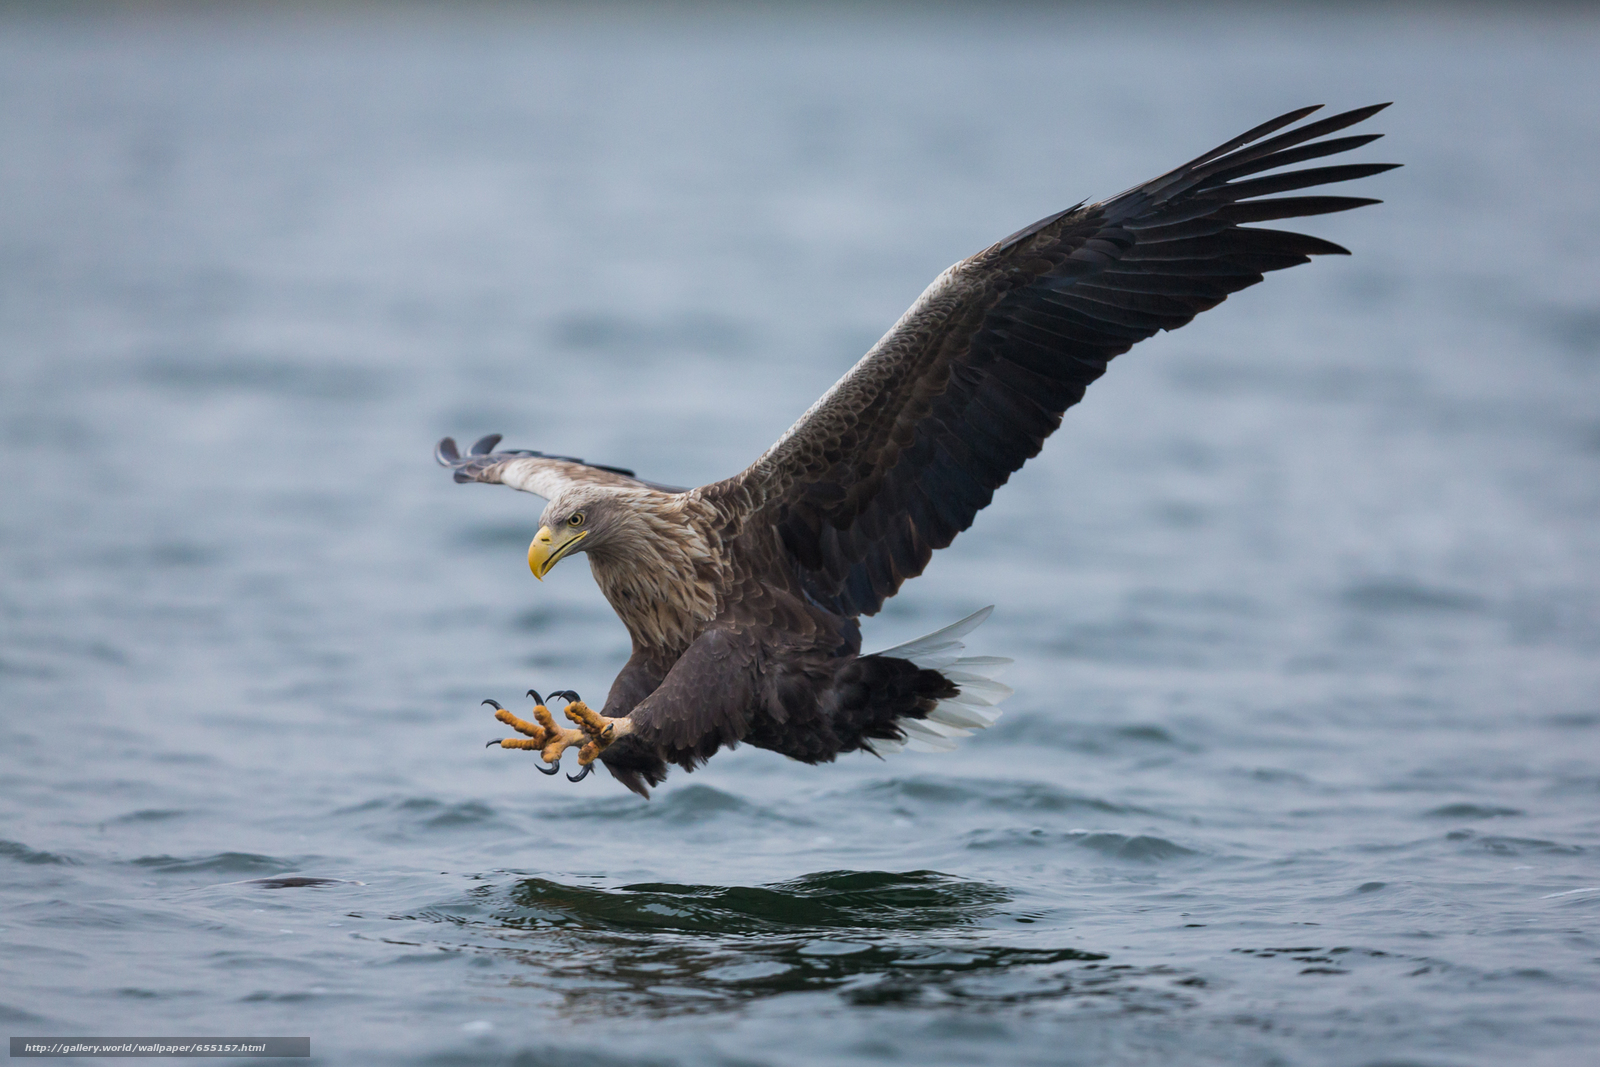 Скачать обои орёл,  хищник,  птица бесплатно для рабочего стола в разрешении 1980x1320 — картинка №655157